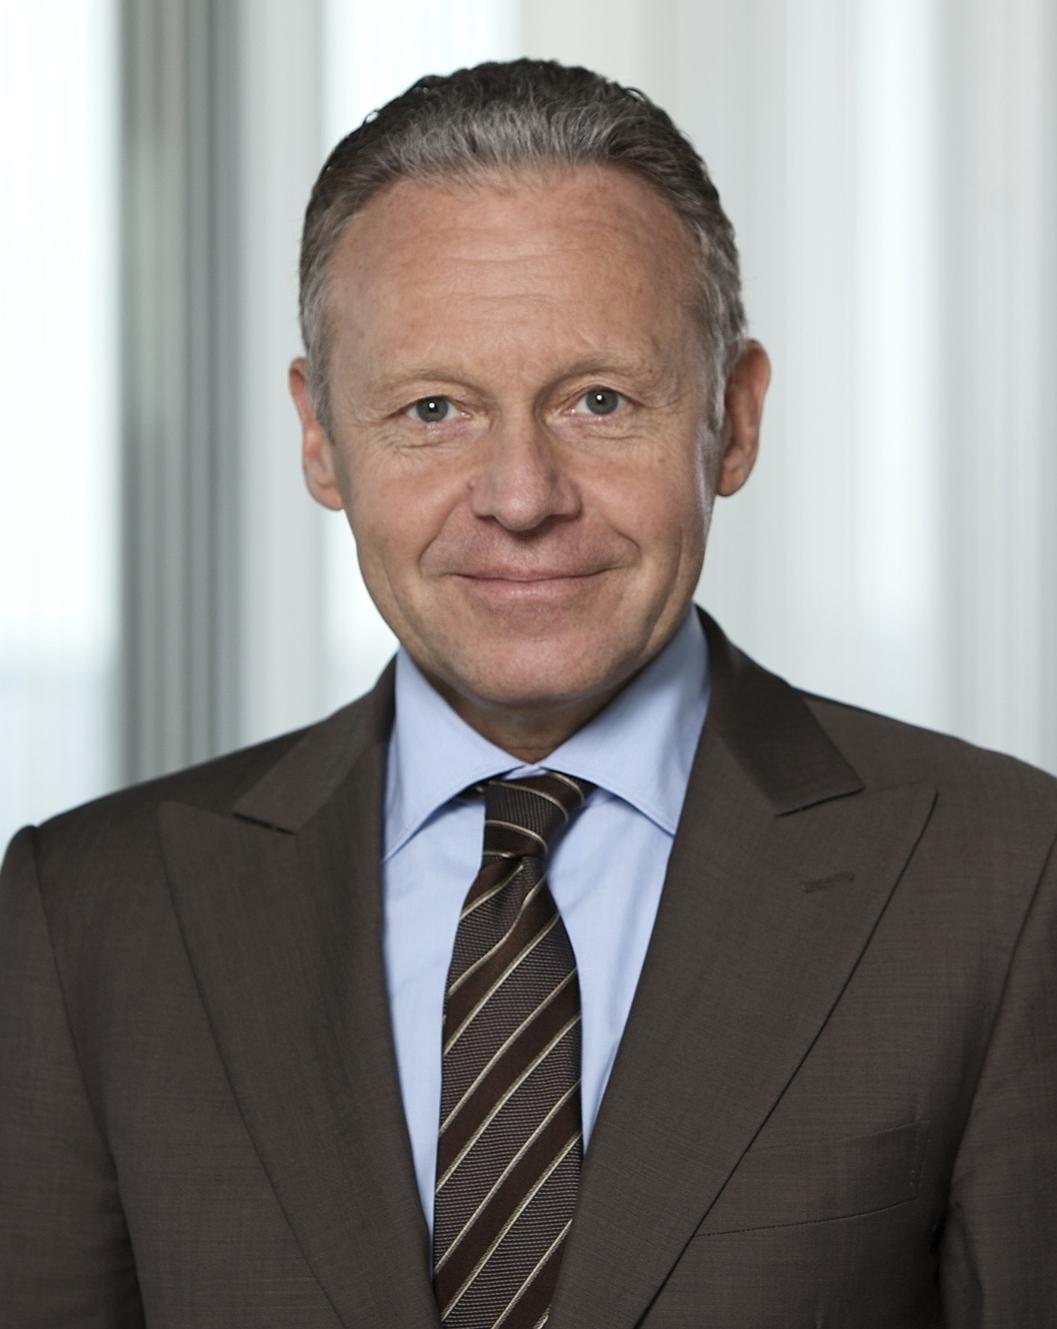 ראלף בוצ'י, נשיא המחלקה הבינלאומית באקסל-שפרינגר (צילום: אקסל-שפרינגר)